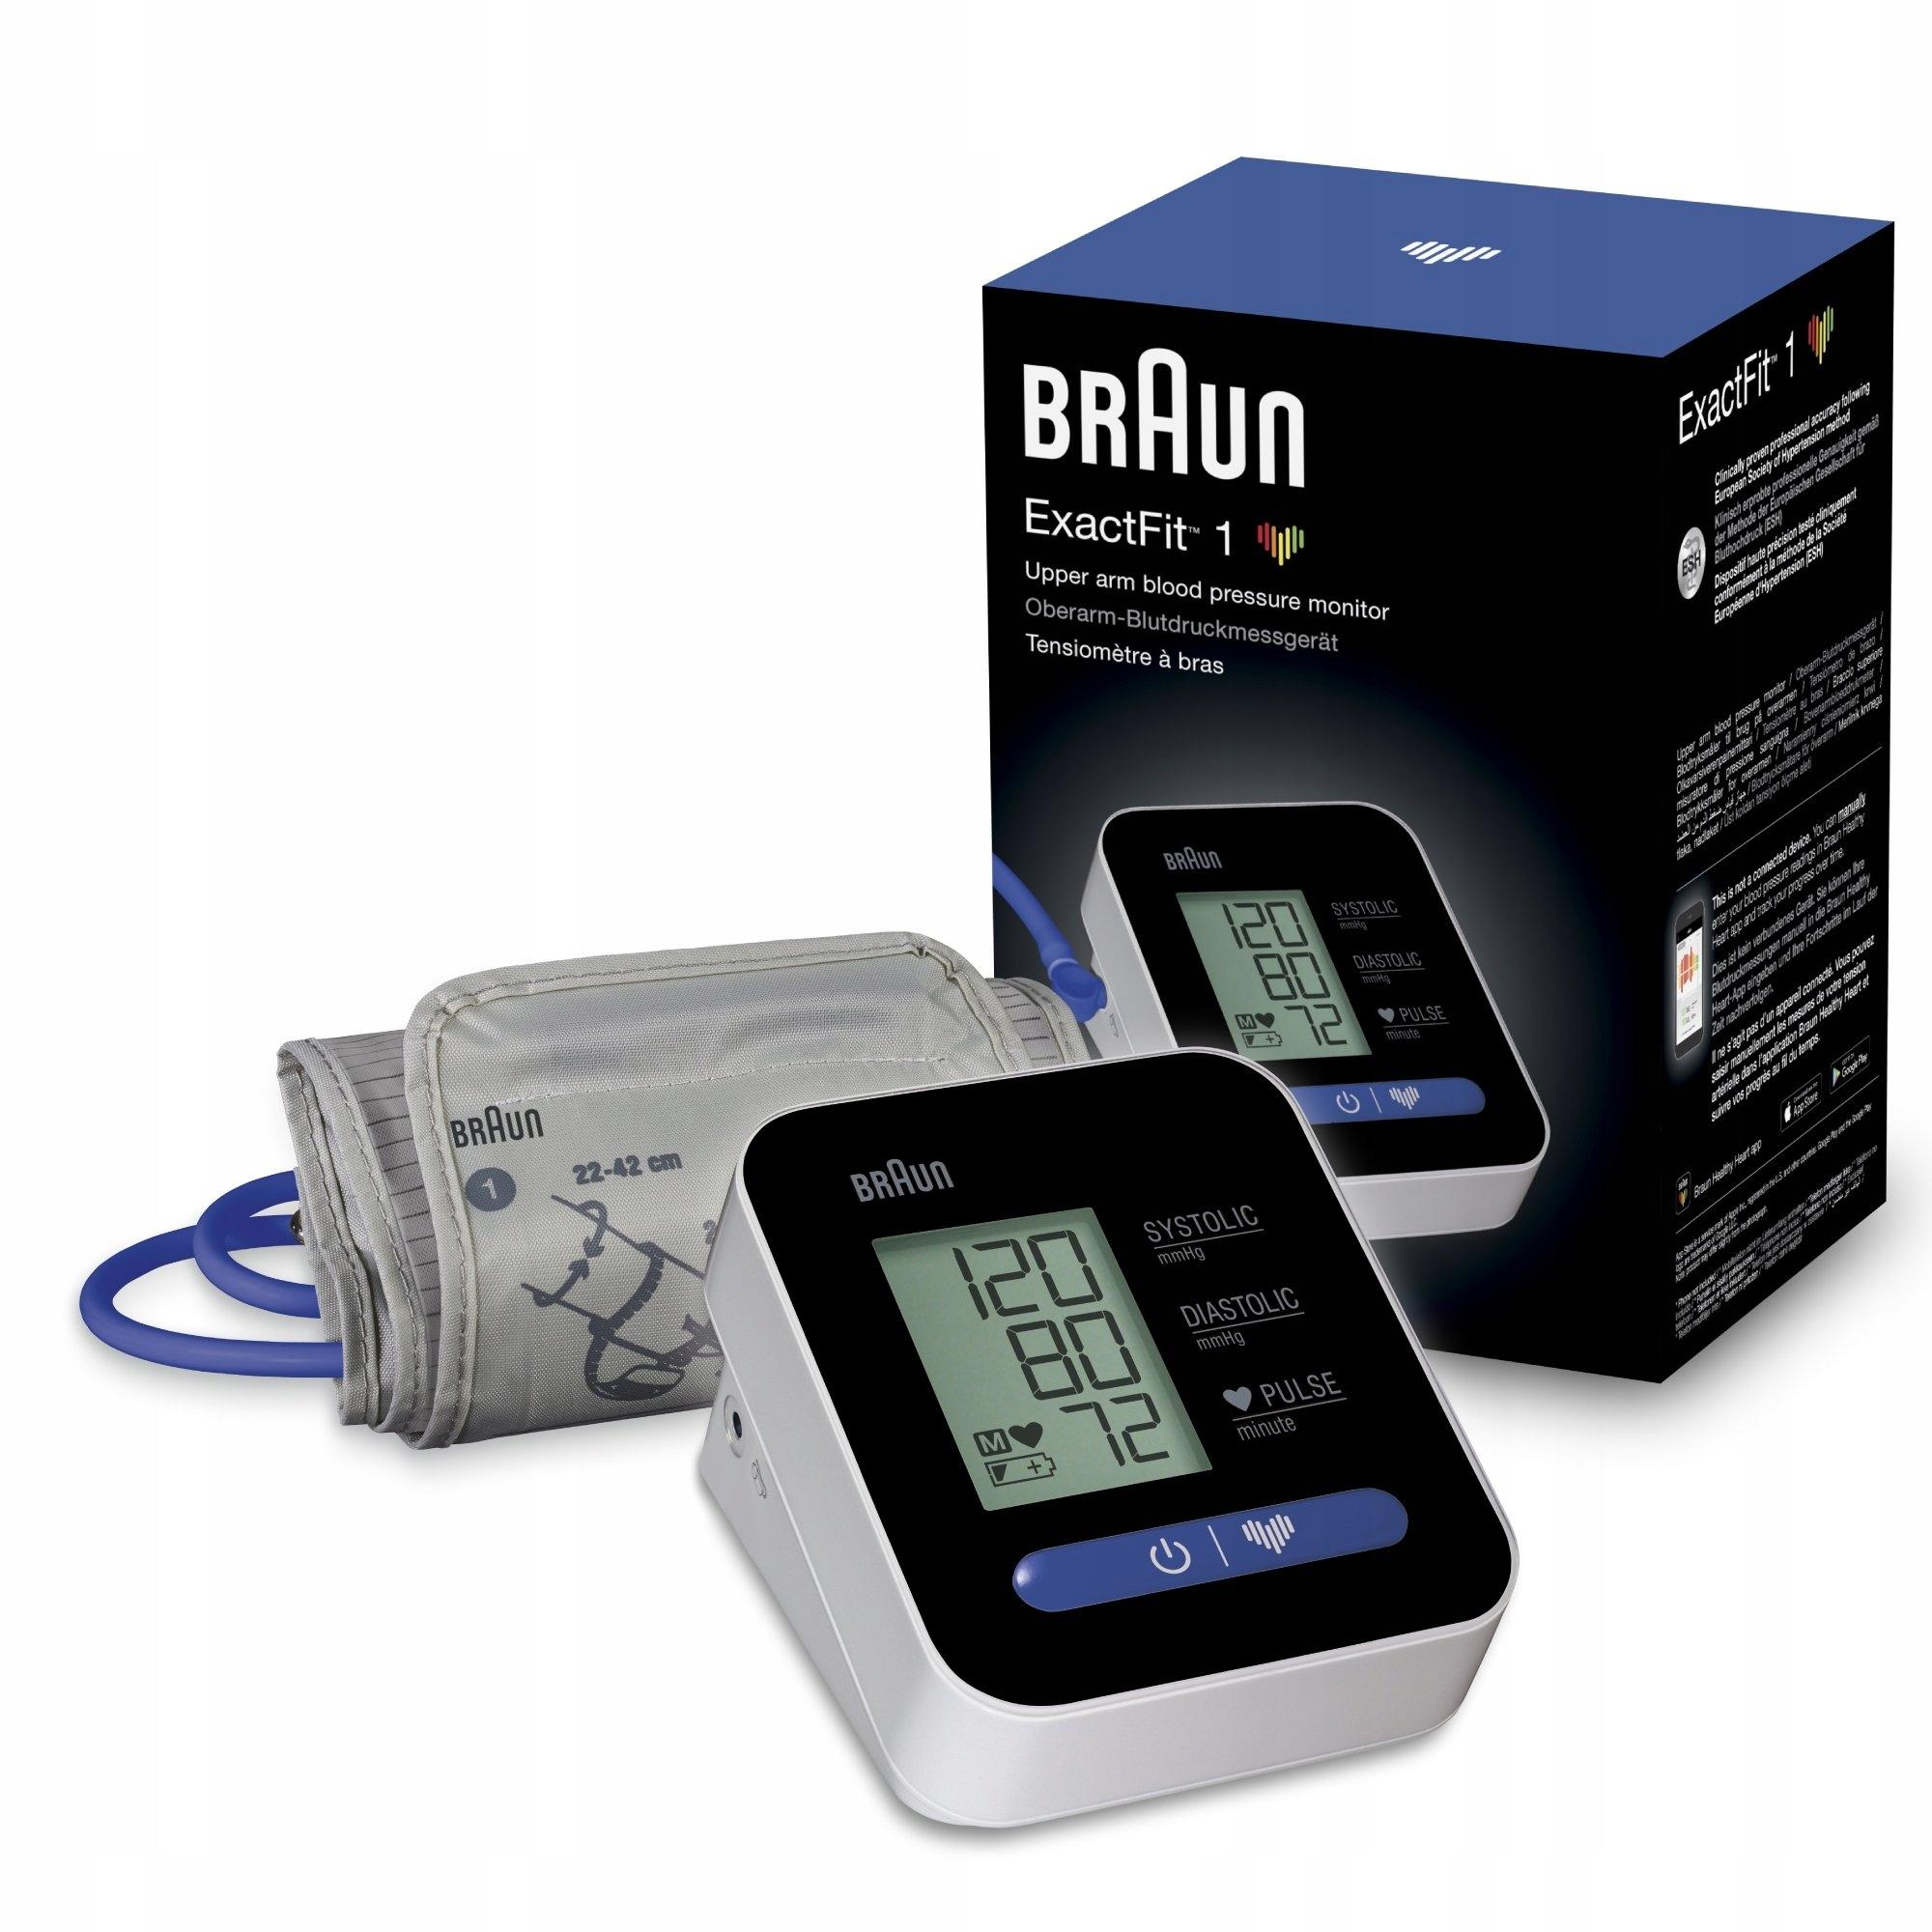 BRAUN ExactFit1 BUA5000 Ciśnieniomierz naramienny